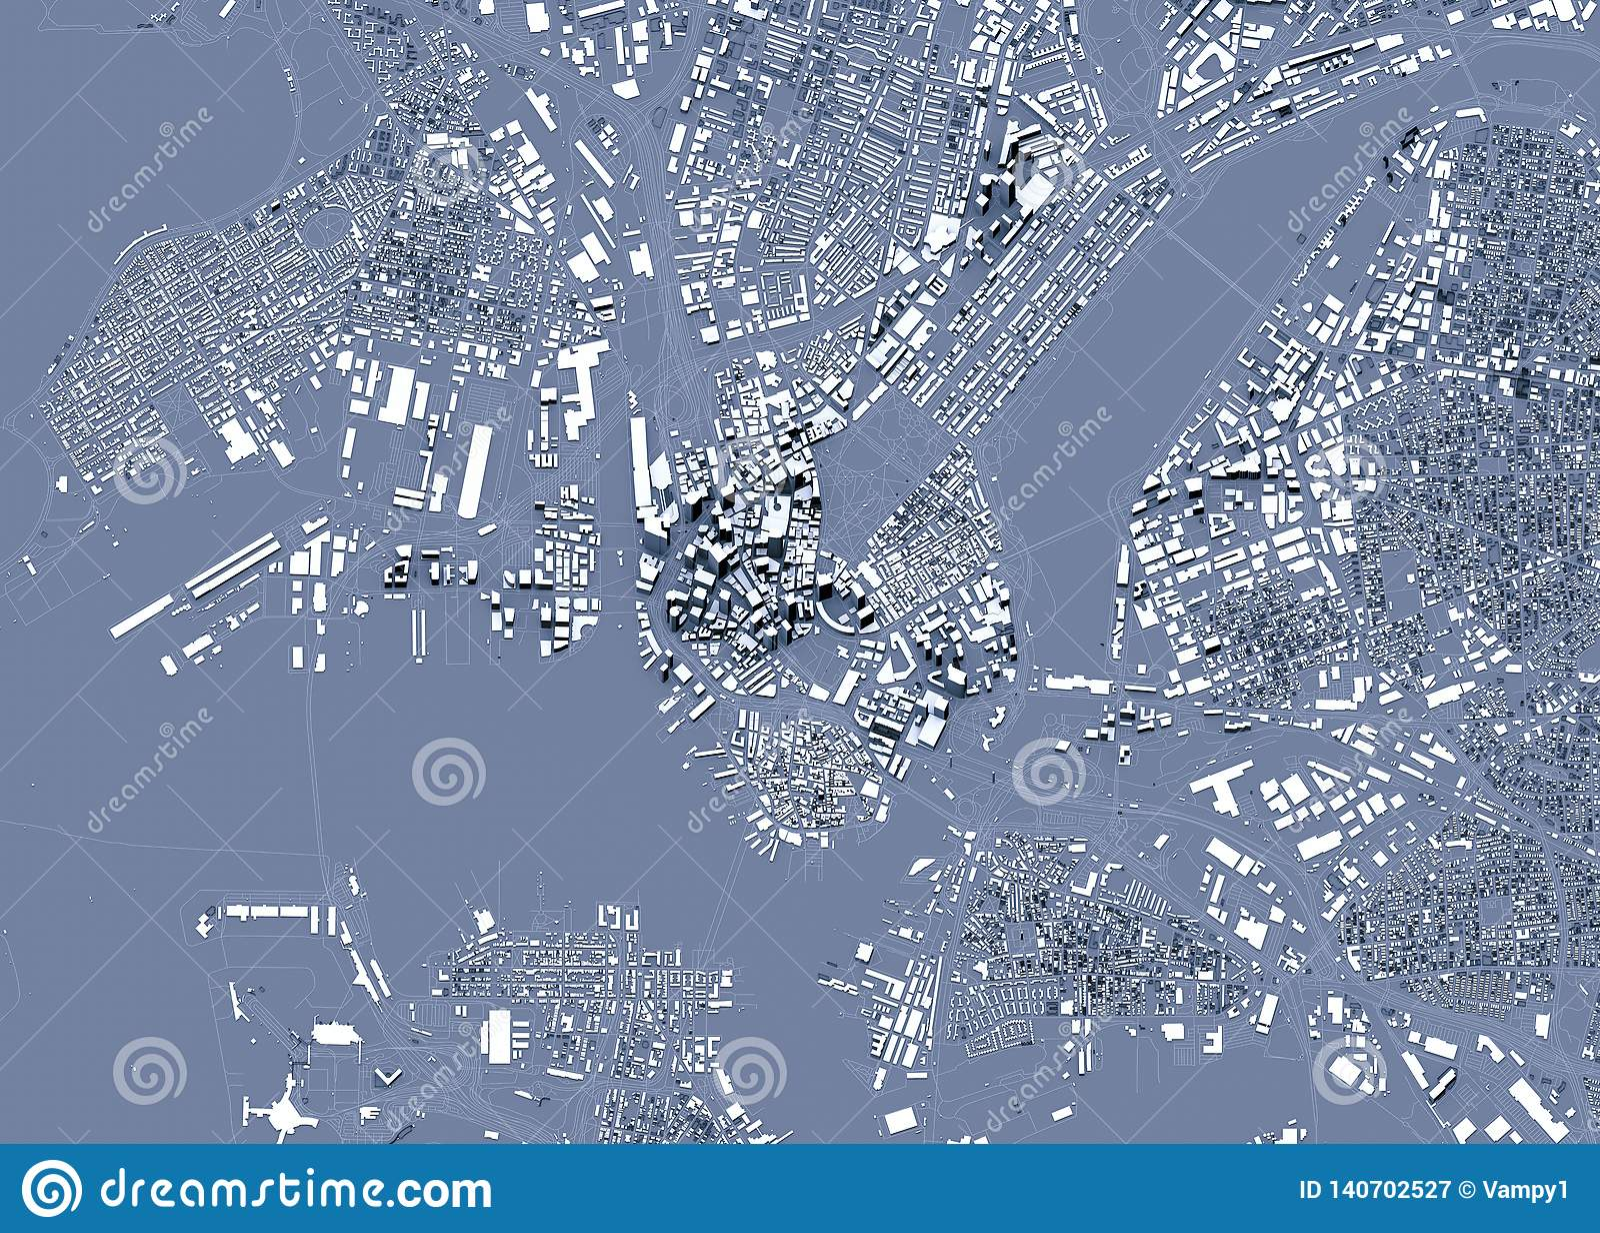 Δορυφορική άποψη της Βοστώνης, του χάρτη της πόλης με το σπίτι και της οικοδόμησης ουρανοξύστες Μασαχουσέτη ΗΠΑ